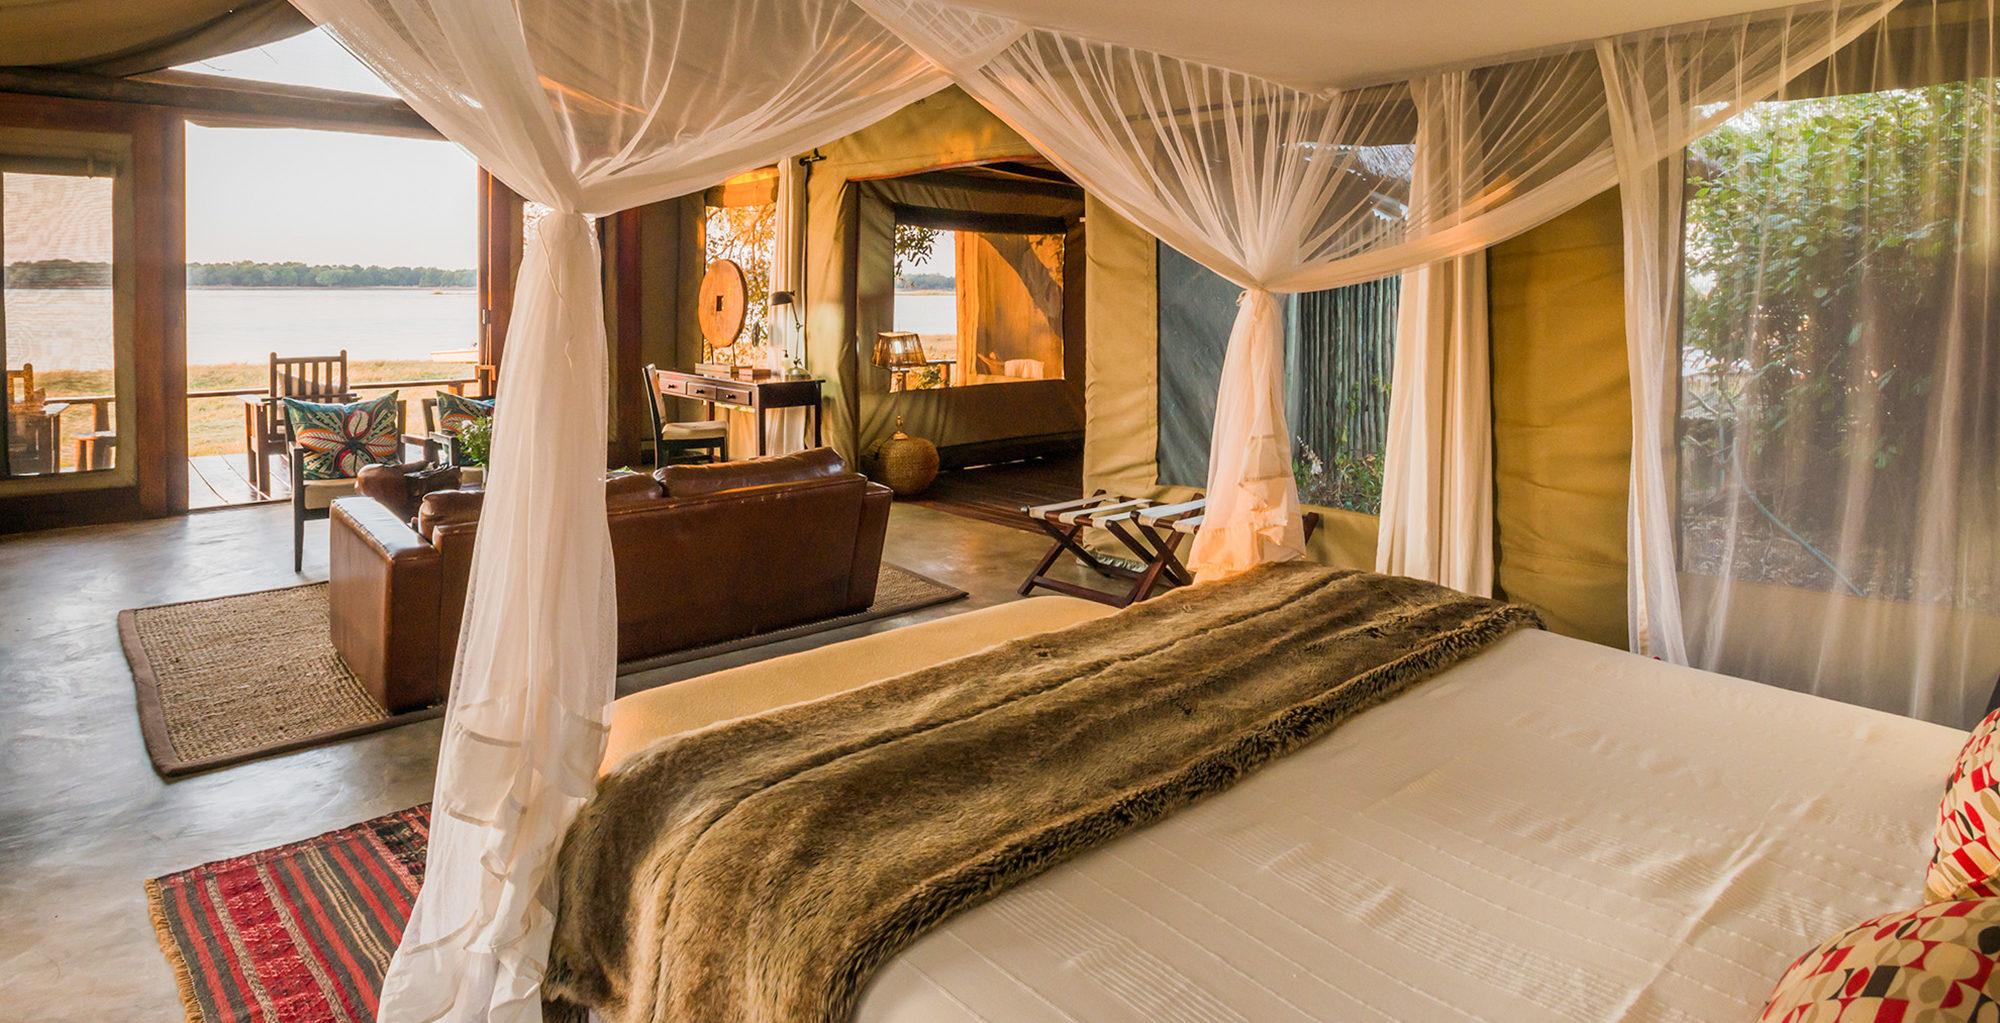 Zambia-Royal-Zambezi-Bedroom-View